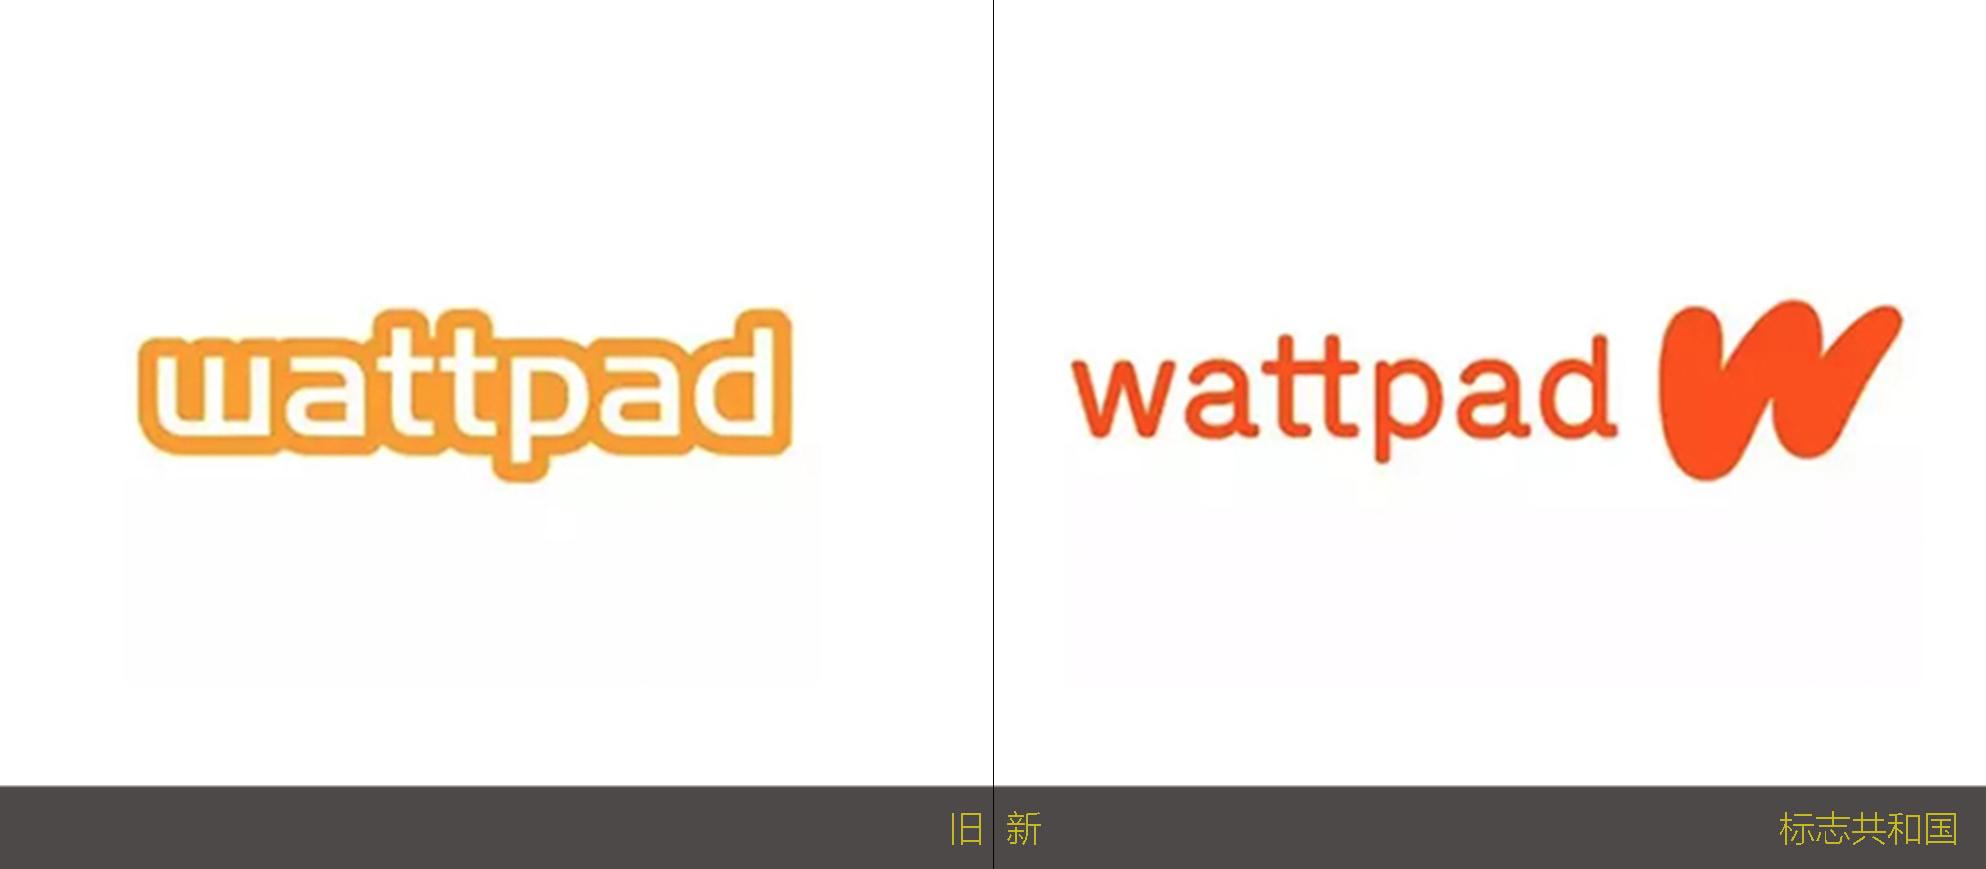 加拿大电子阅读平台Wattpad启用新logo